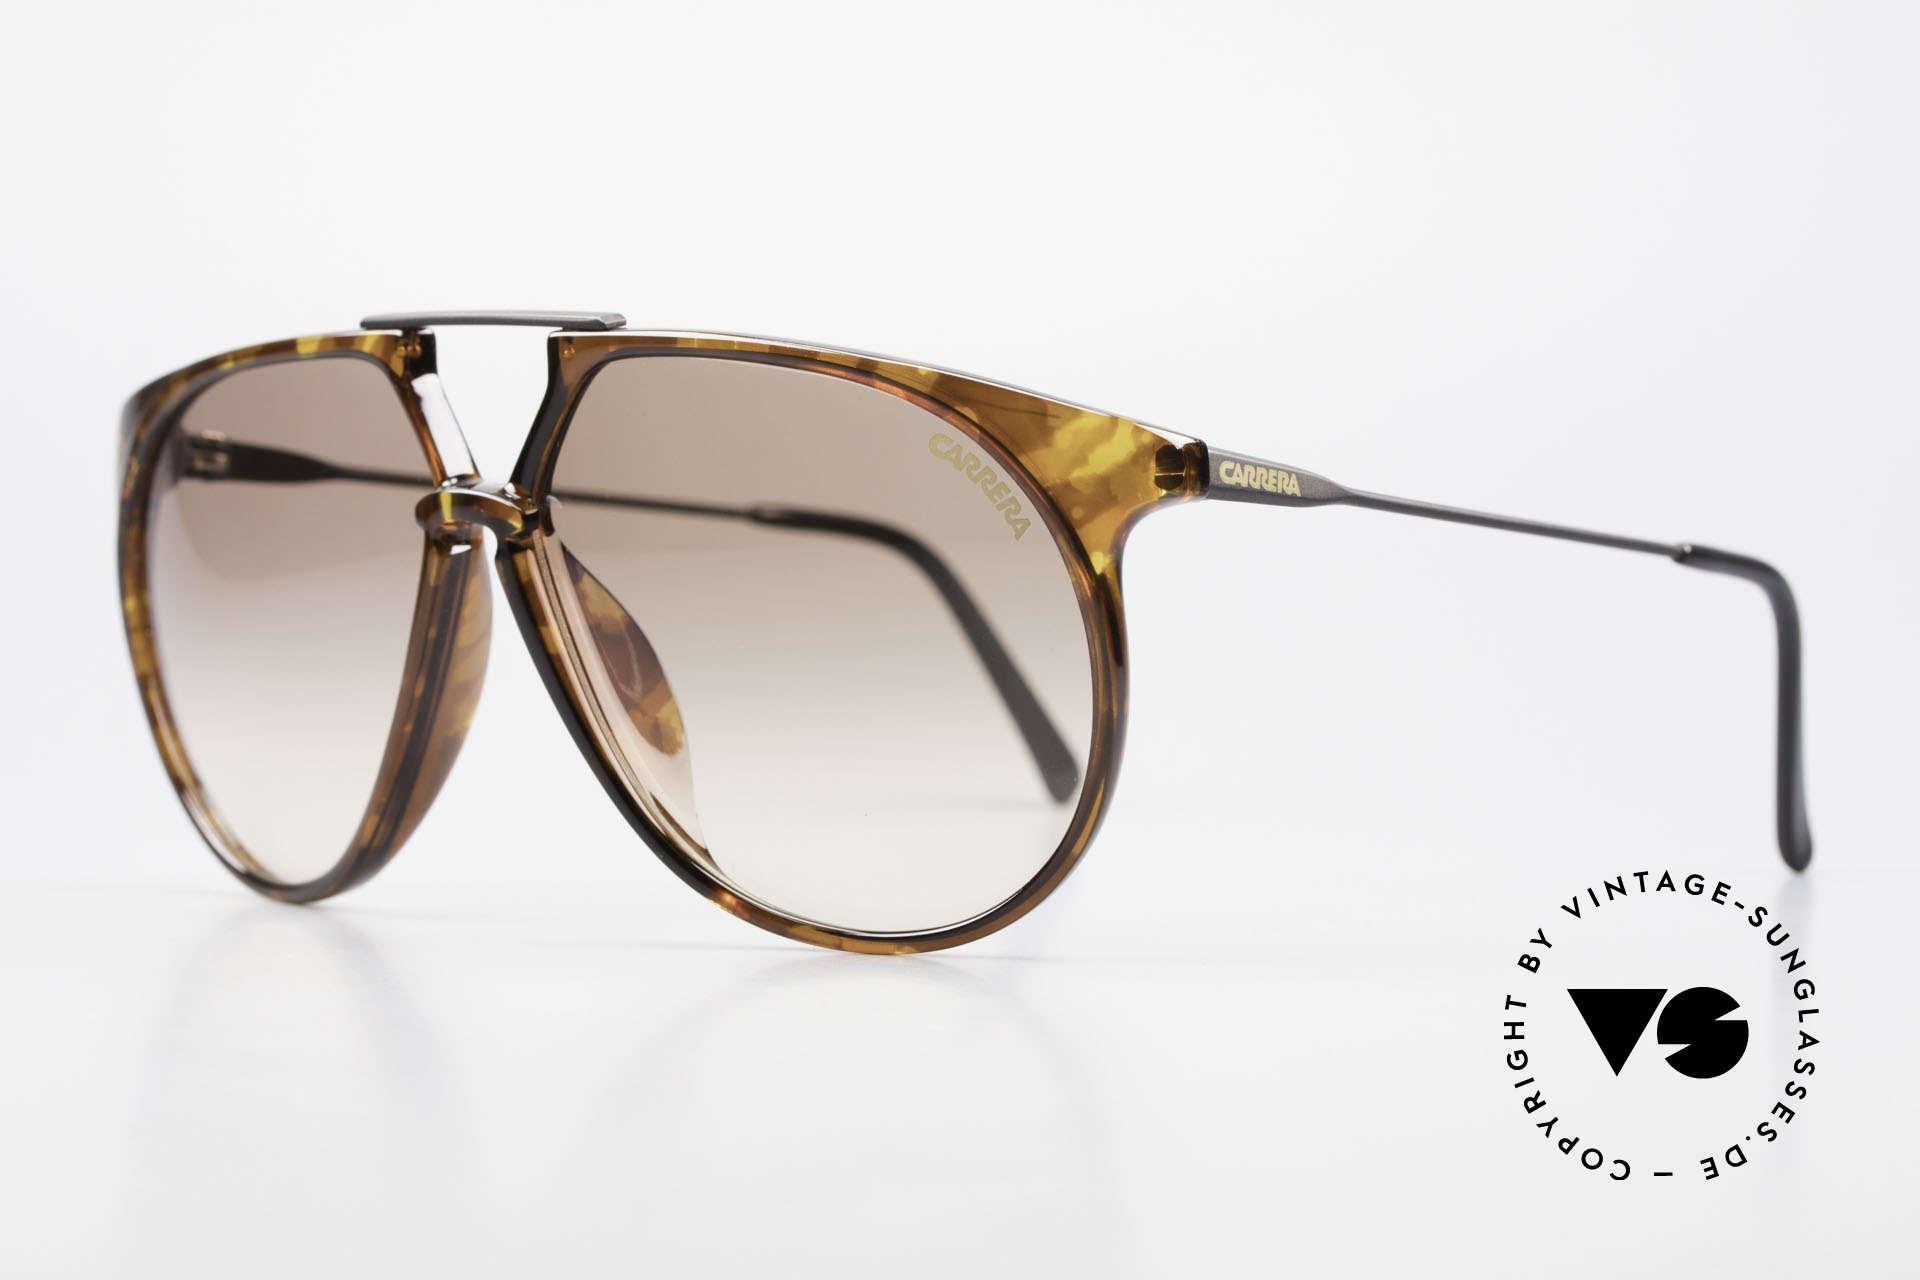 Carrera 5415 80s Sonnenbrille 2 Paar Gläser, absolute Spitzen-Qualität und erstklassiger Komfort, Passend für Herren